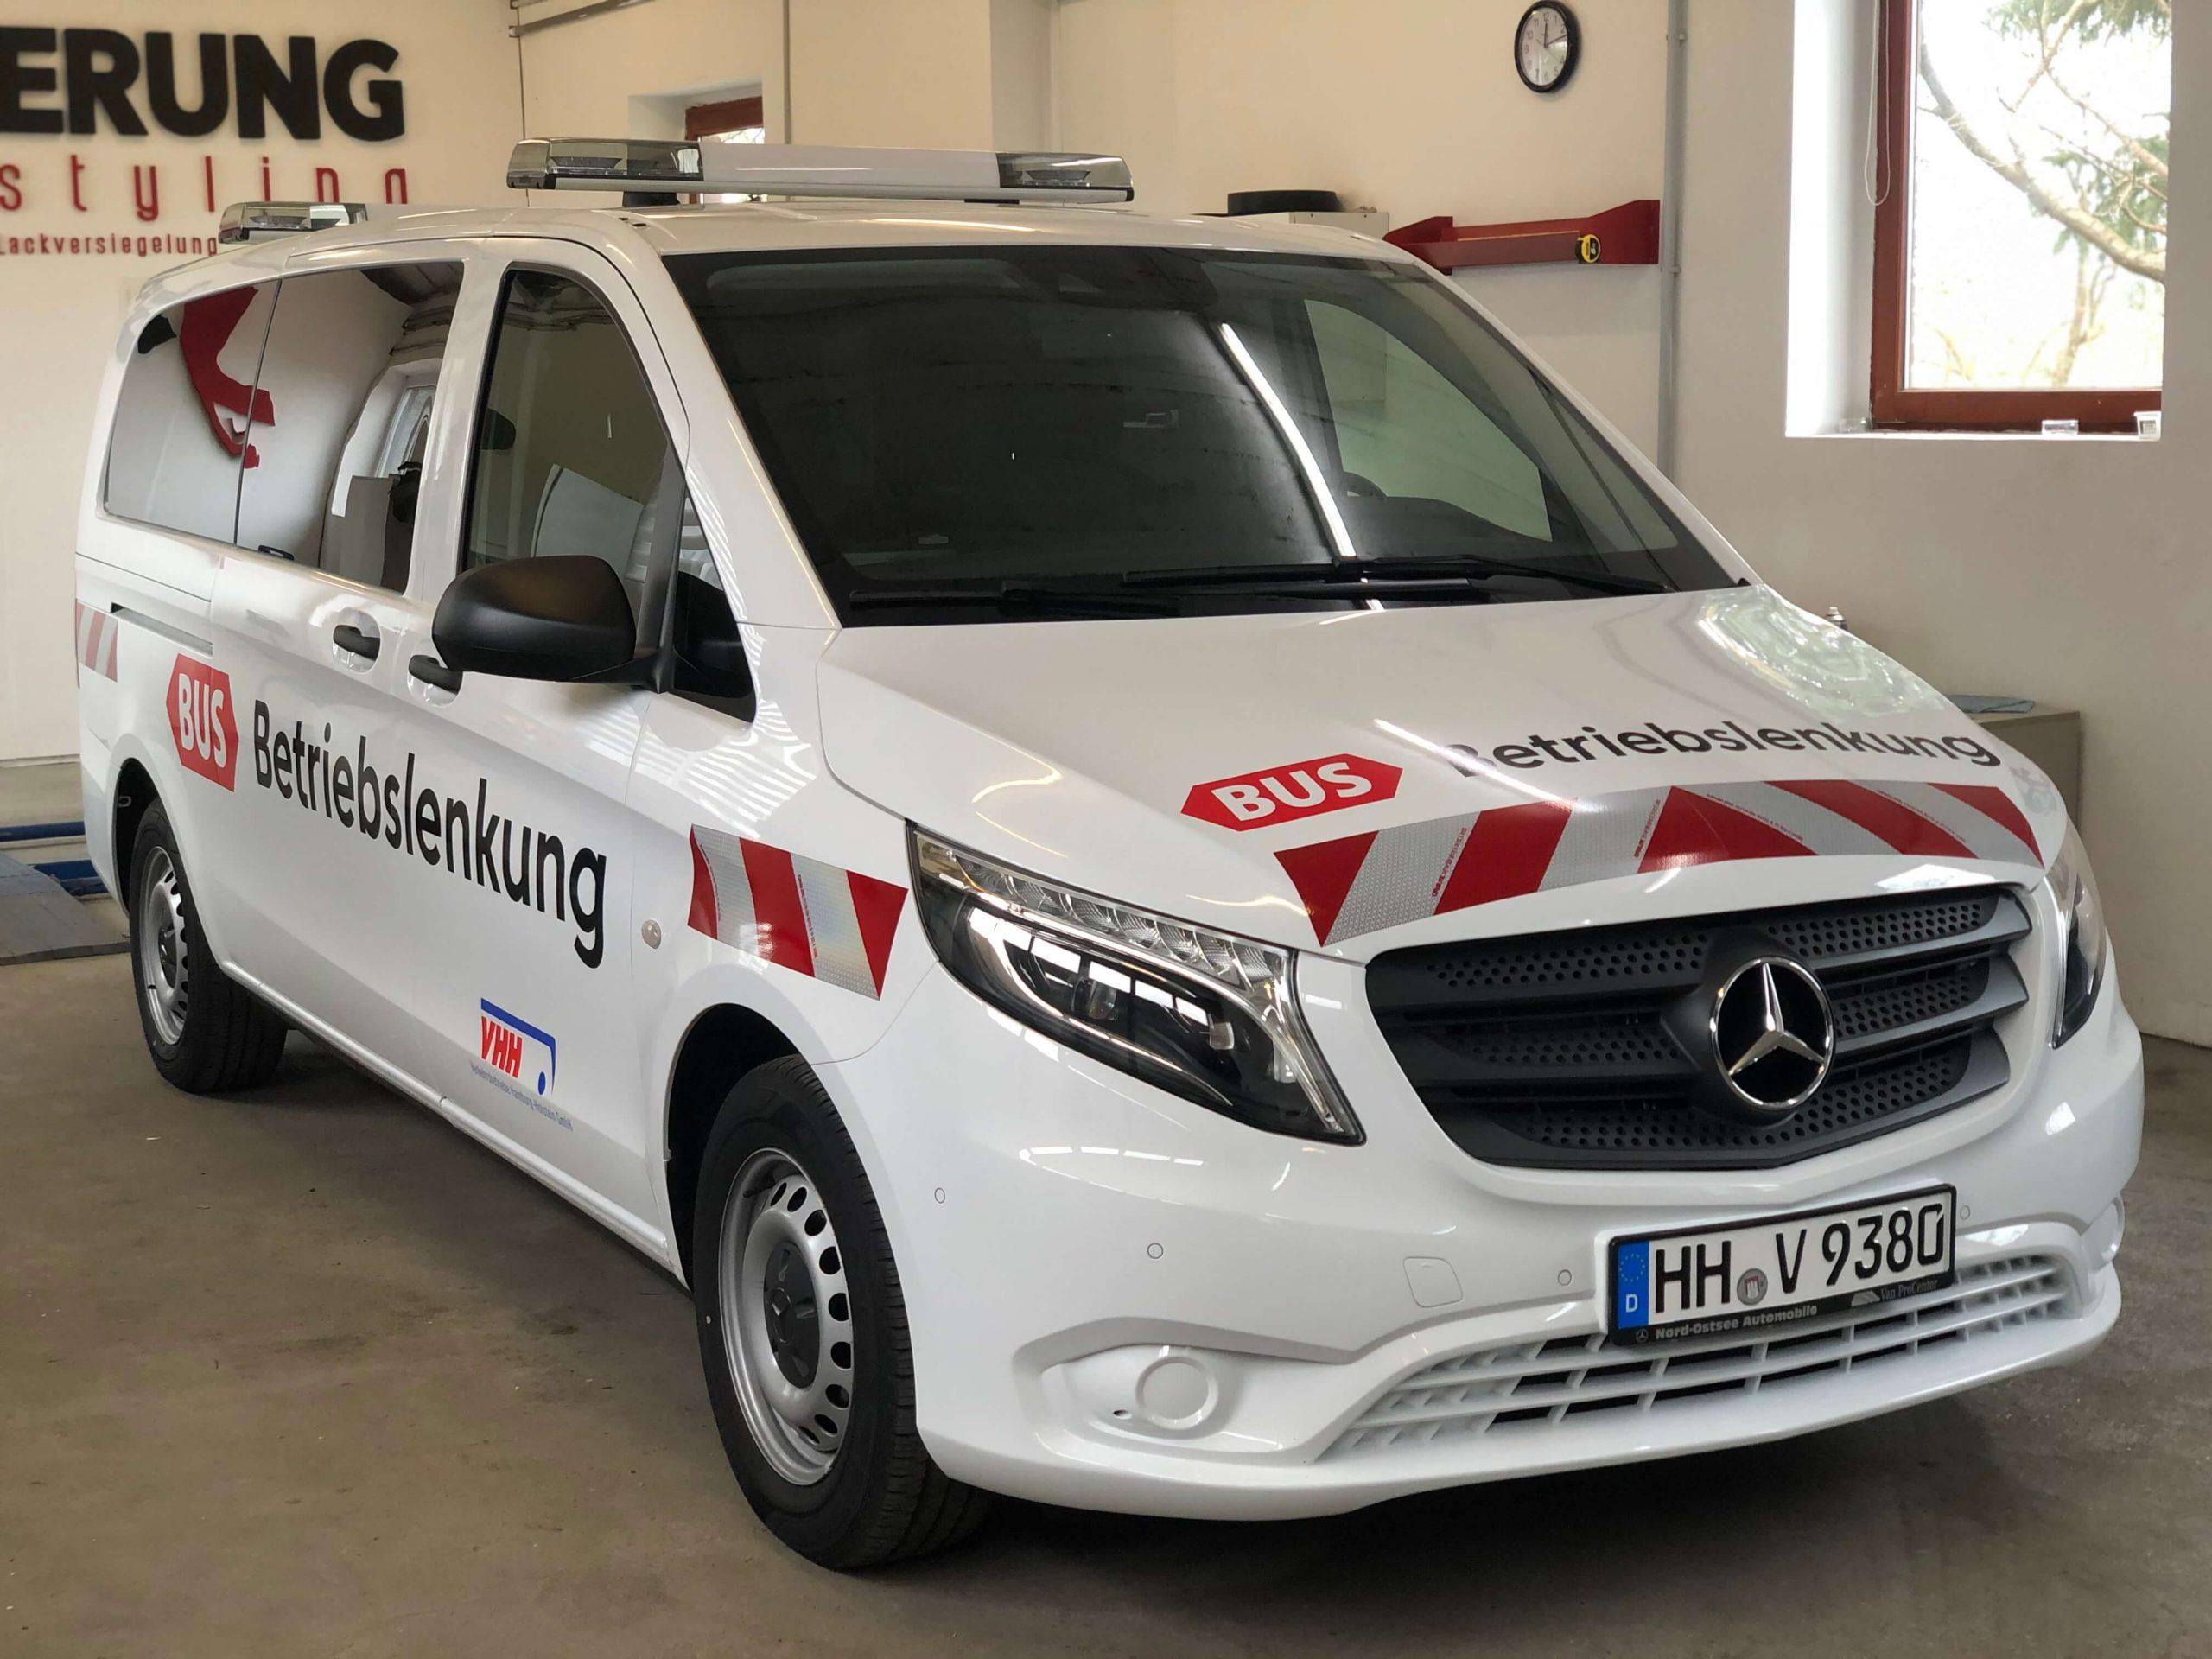 Werbebeschriftung in Hamburg / Fahrzeugbeschriftung